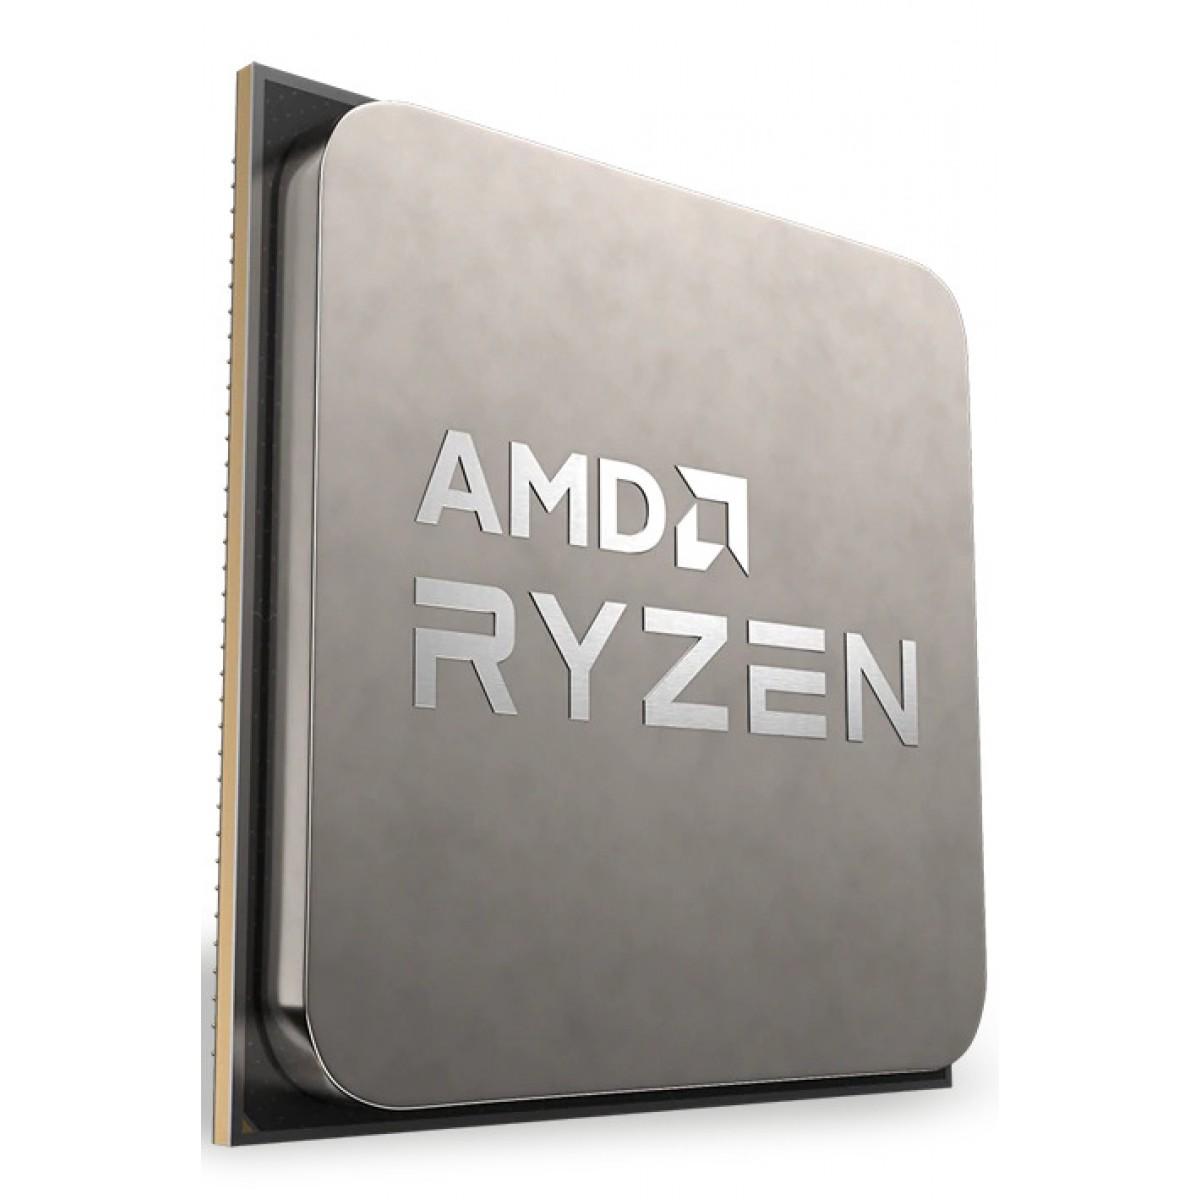 Processador AMD Ryzen 9 5900X 3.7GHz (4.8GHz Turbo), 12-Cores 24-Threads, AM4, Sem Cooler